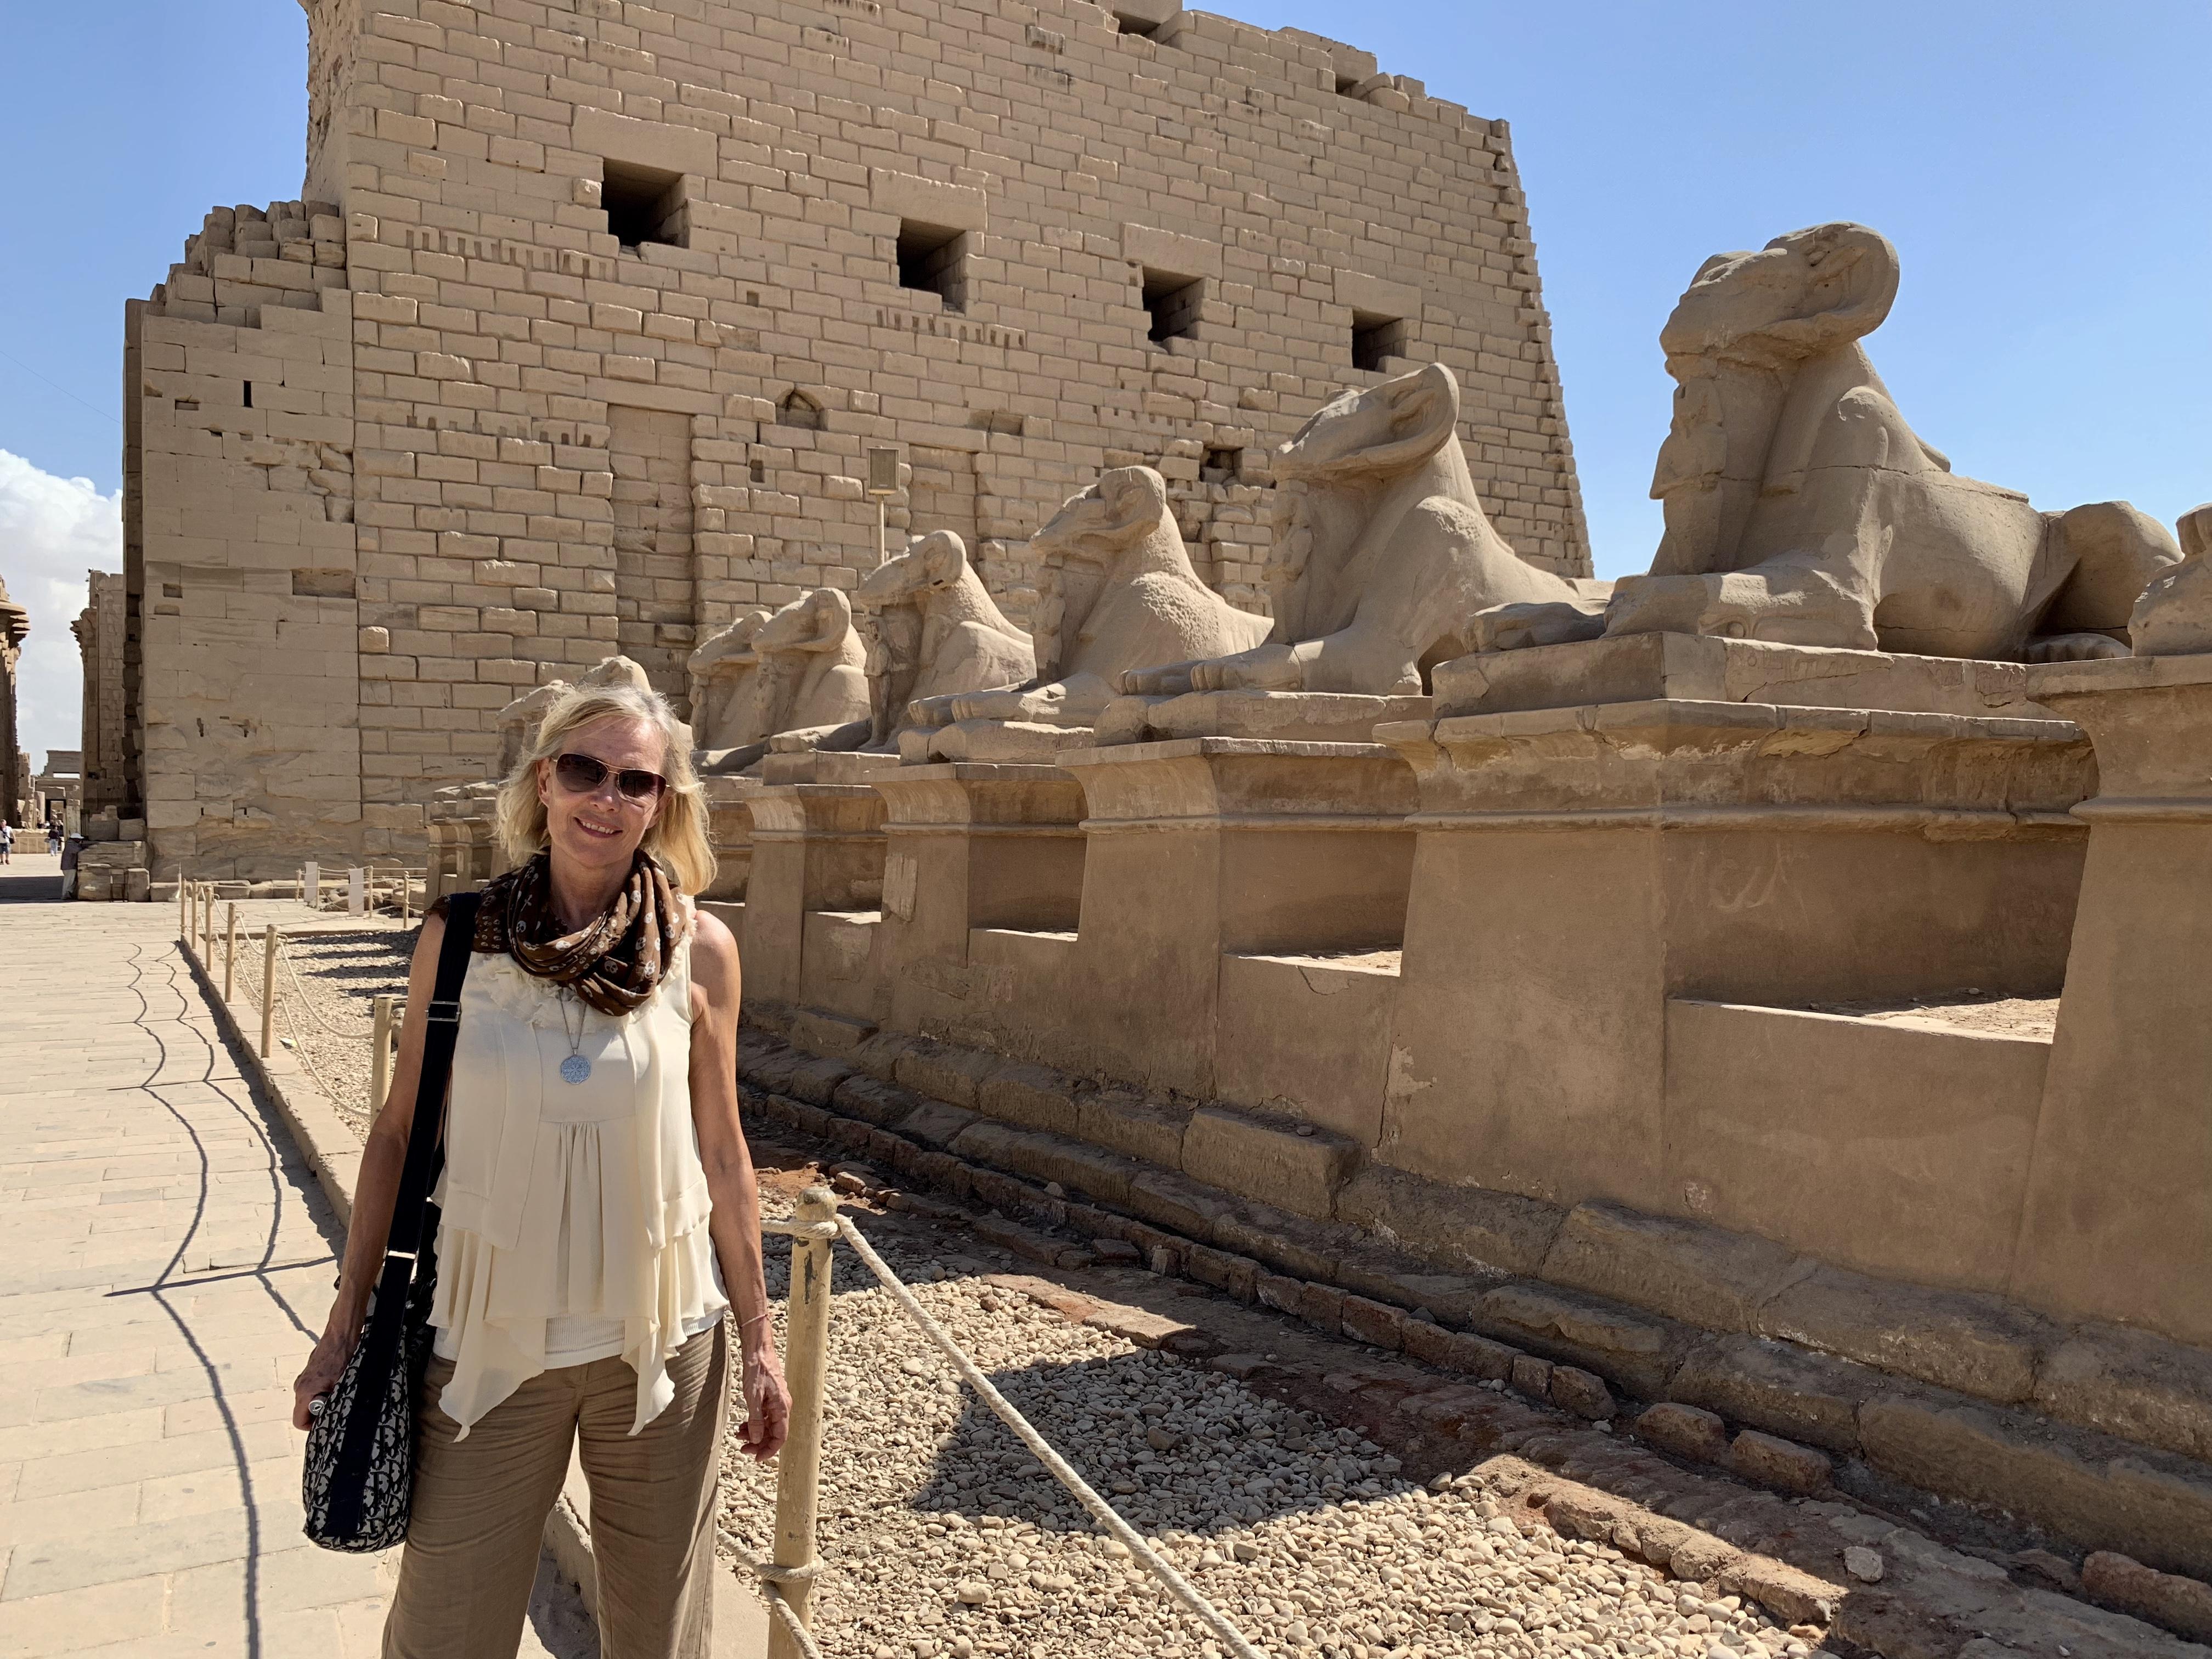 karnak-luxor-egypt-temples